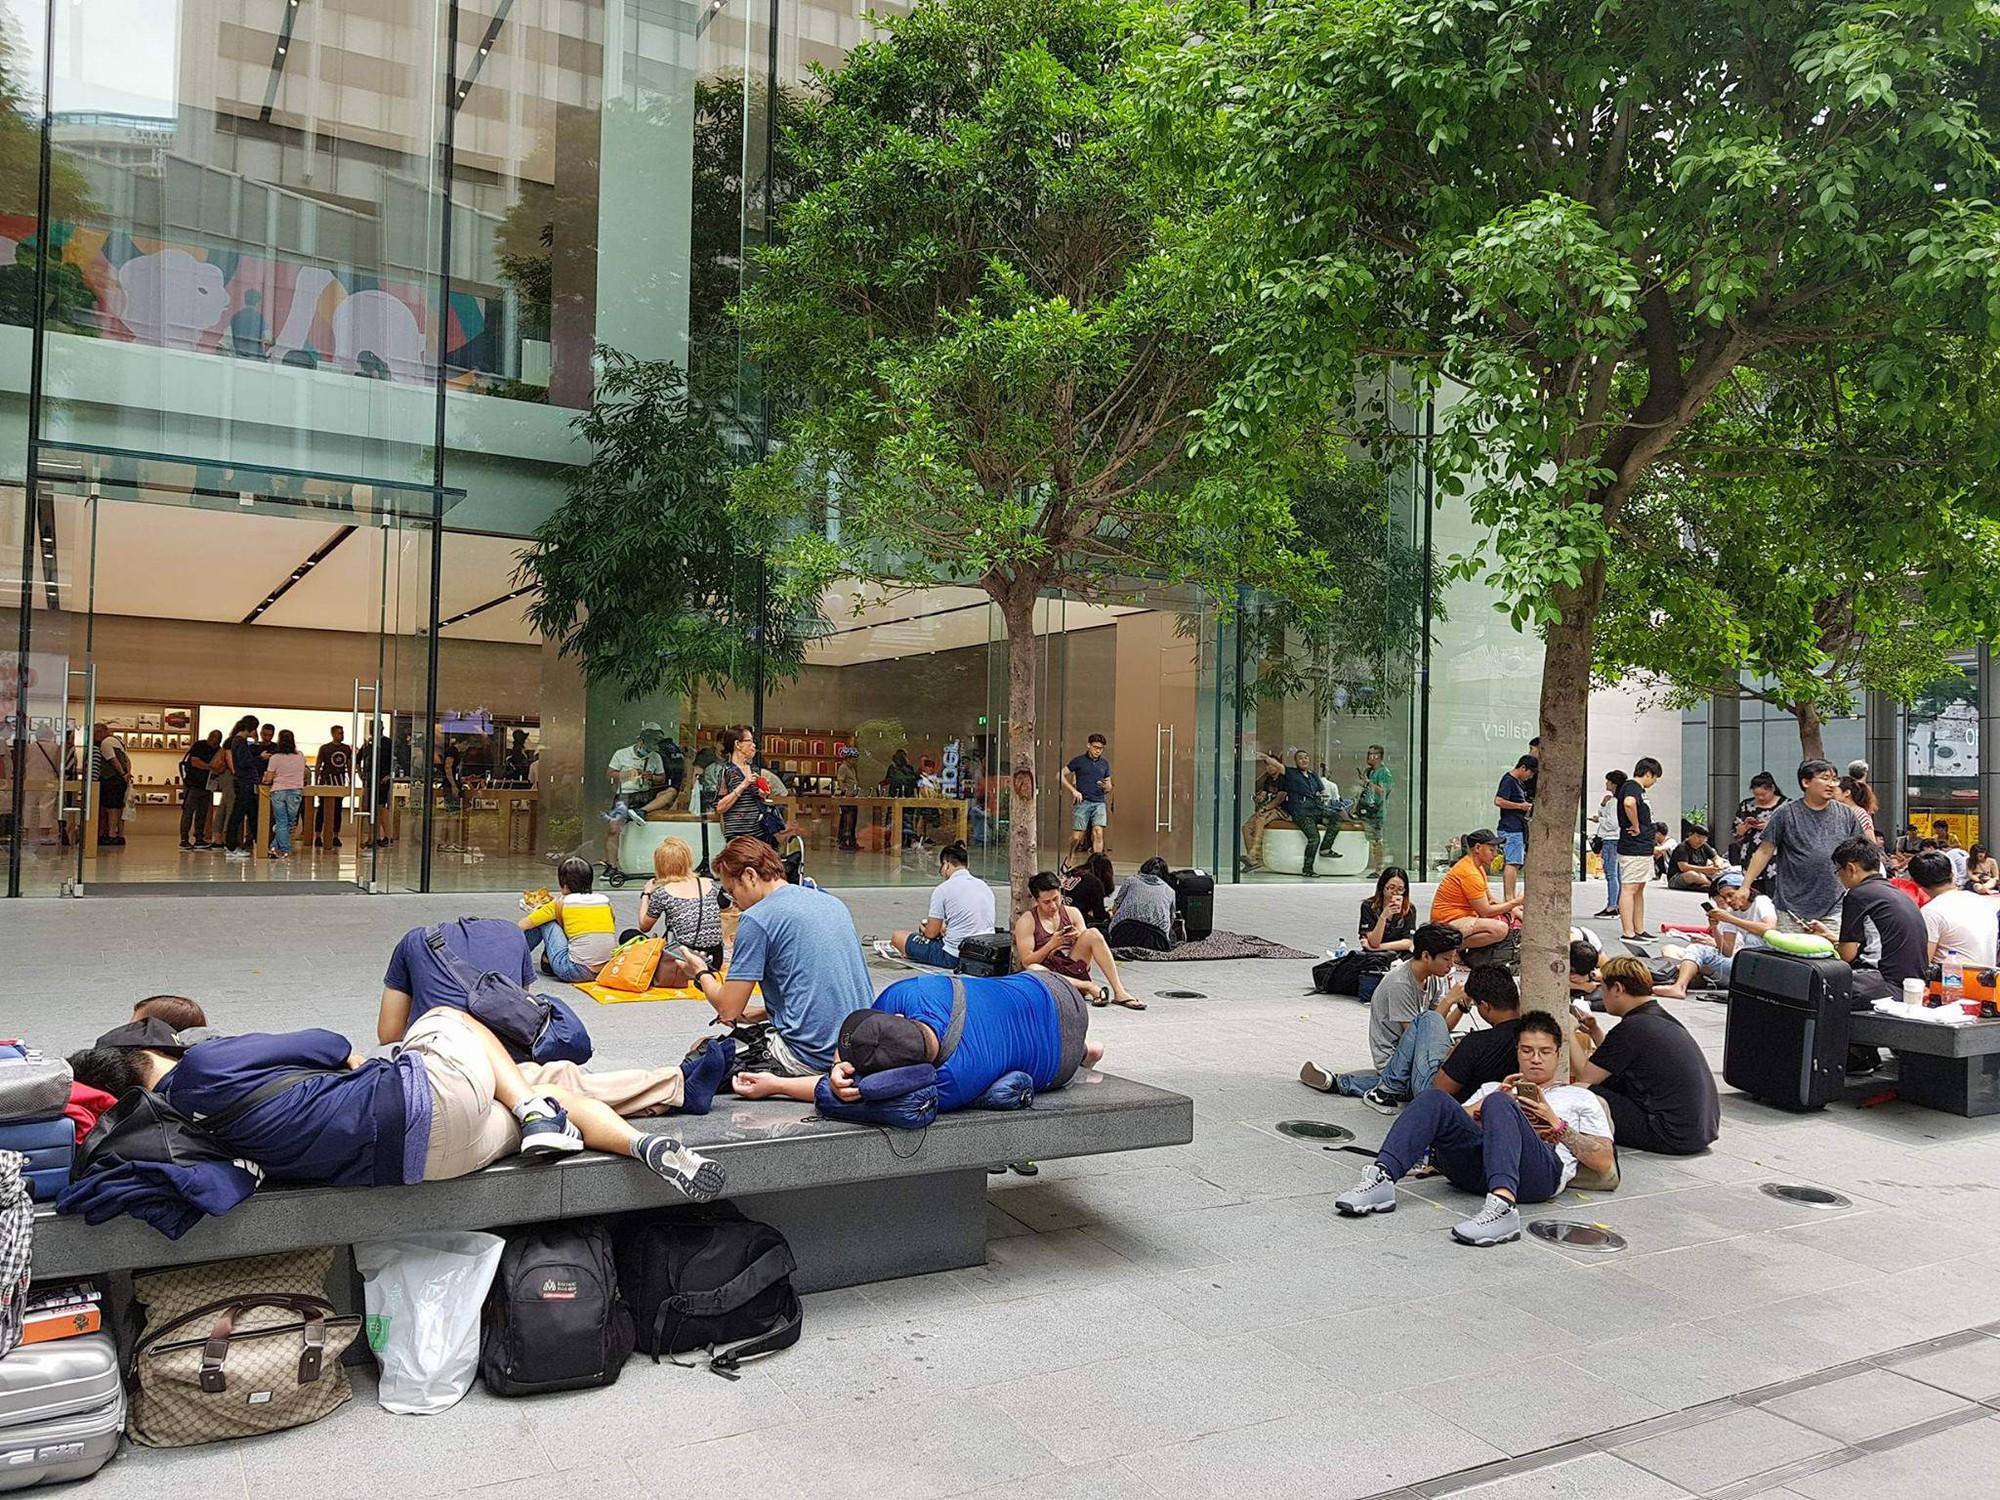 Mở bán iPhone X: Singapore và Úc la liệt người xếp hàng, thậm chí rao bán chỗ cho ai có nhu cầu - Ảnh 6.